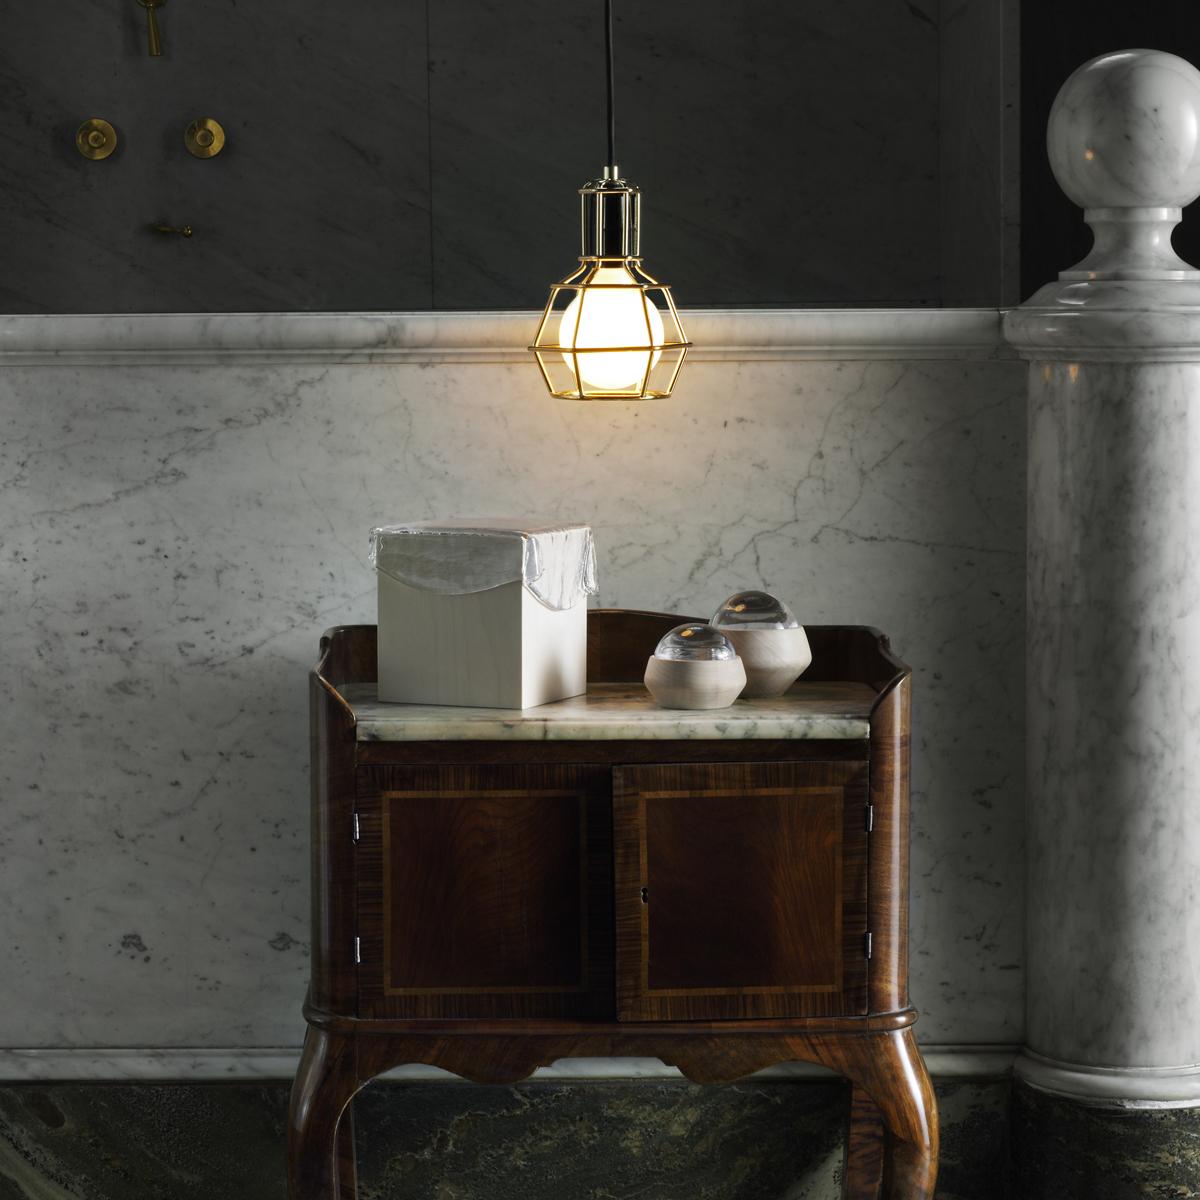 北欧・スウェーデン生まれの照明オブジェになる作業用ランプ|DESIGN STOCKHOLM(Work Lamp)